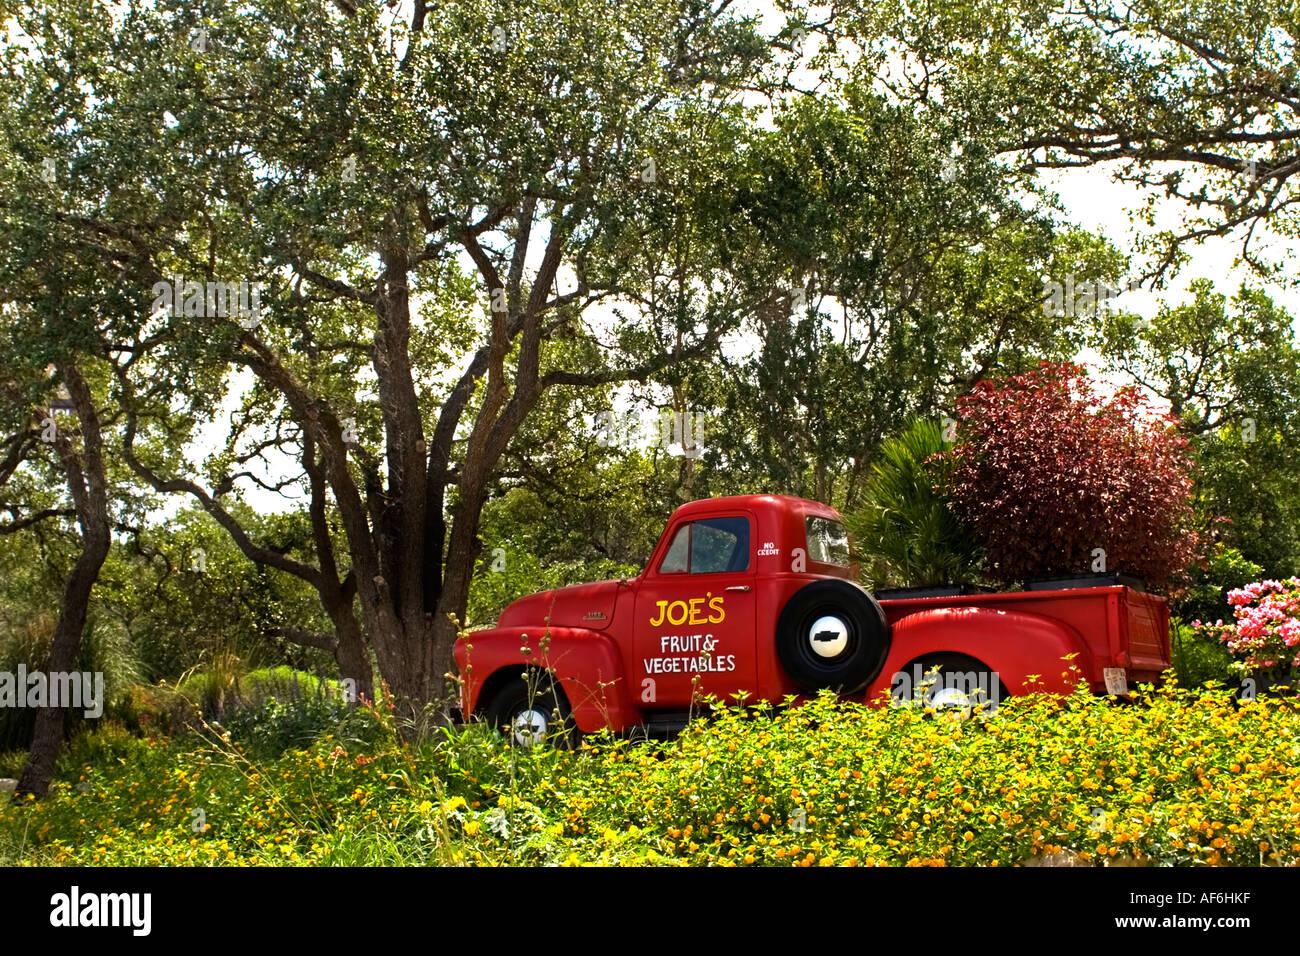 Truck Joes Fruit Veg Garden Stock Photos & Truck Joes Fruit Veg ...